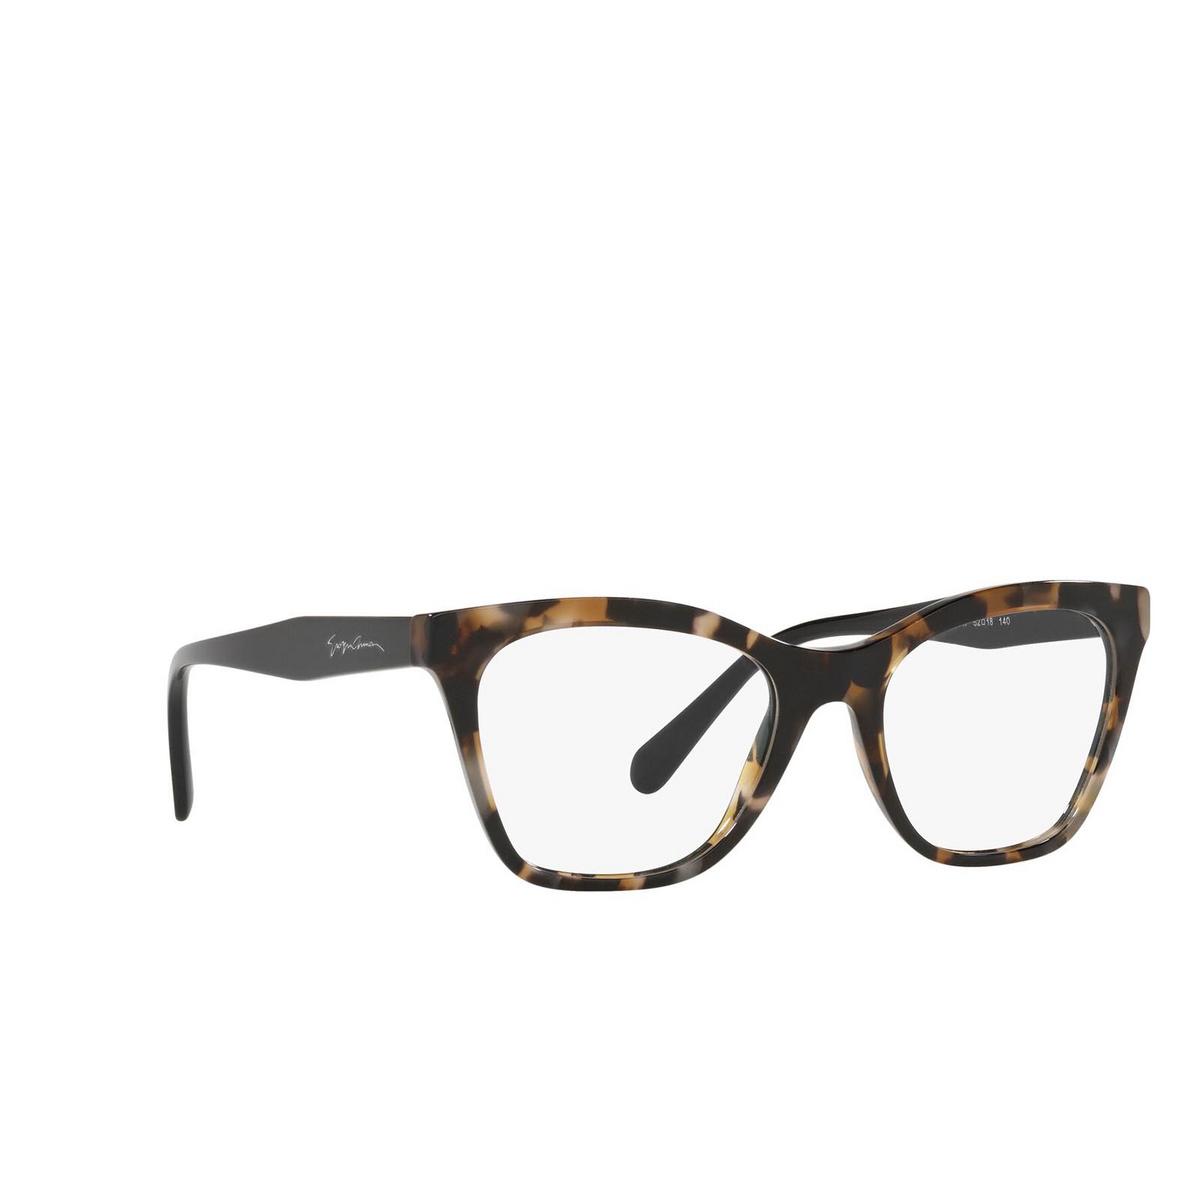 Giorgio Armani® Cat-eye Eyeglasses: AR7205 color Brown Tortoise 5847 - three-quarters view.